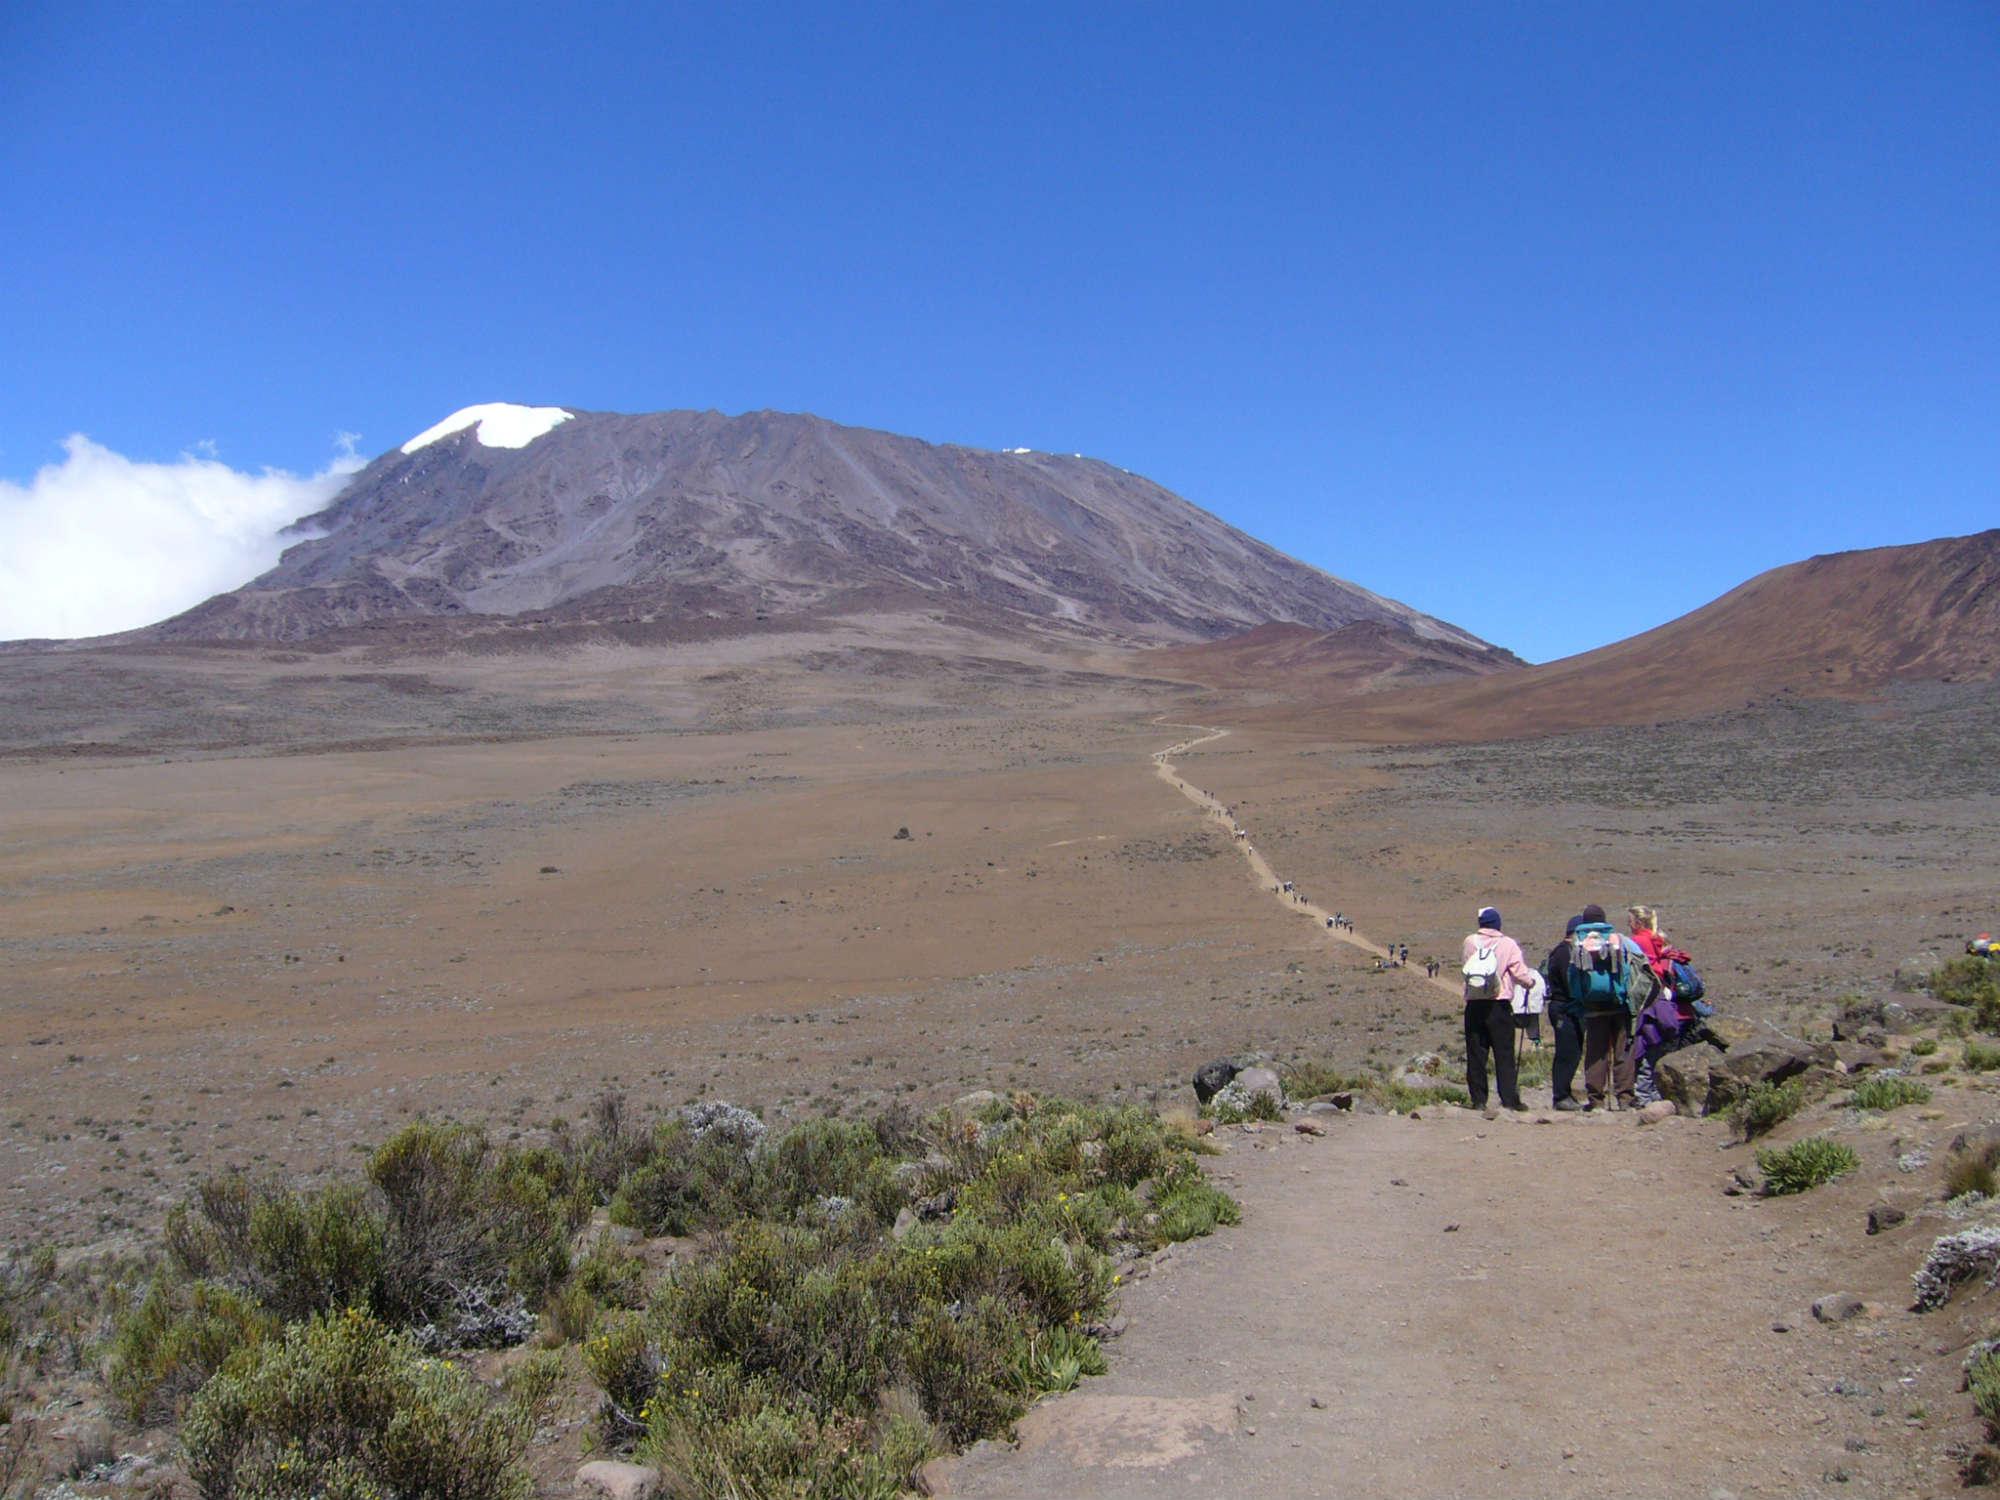 キリマンジャロ登頂(5,895m)10日間